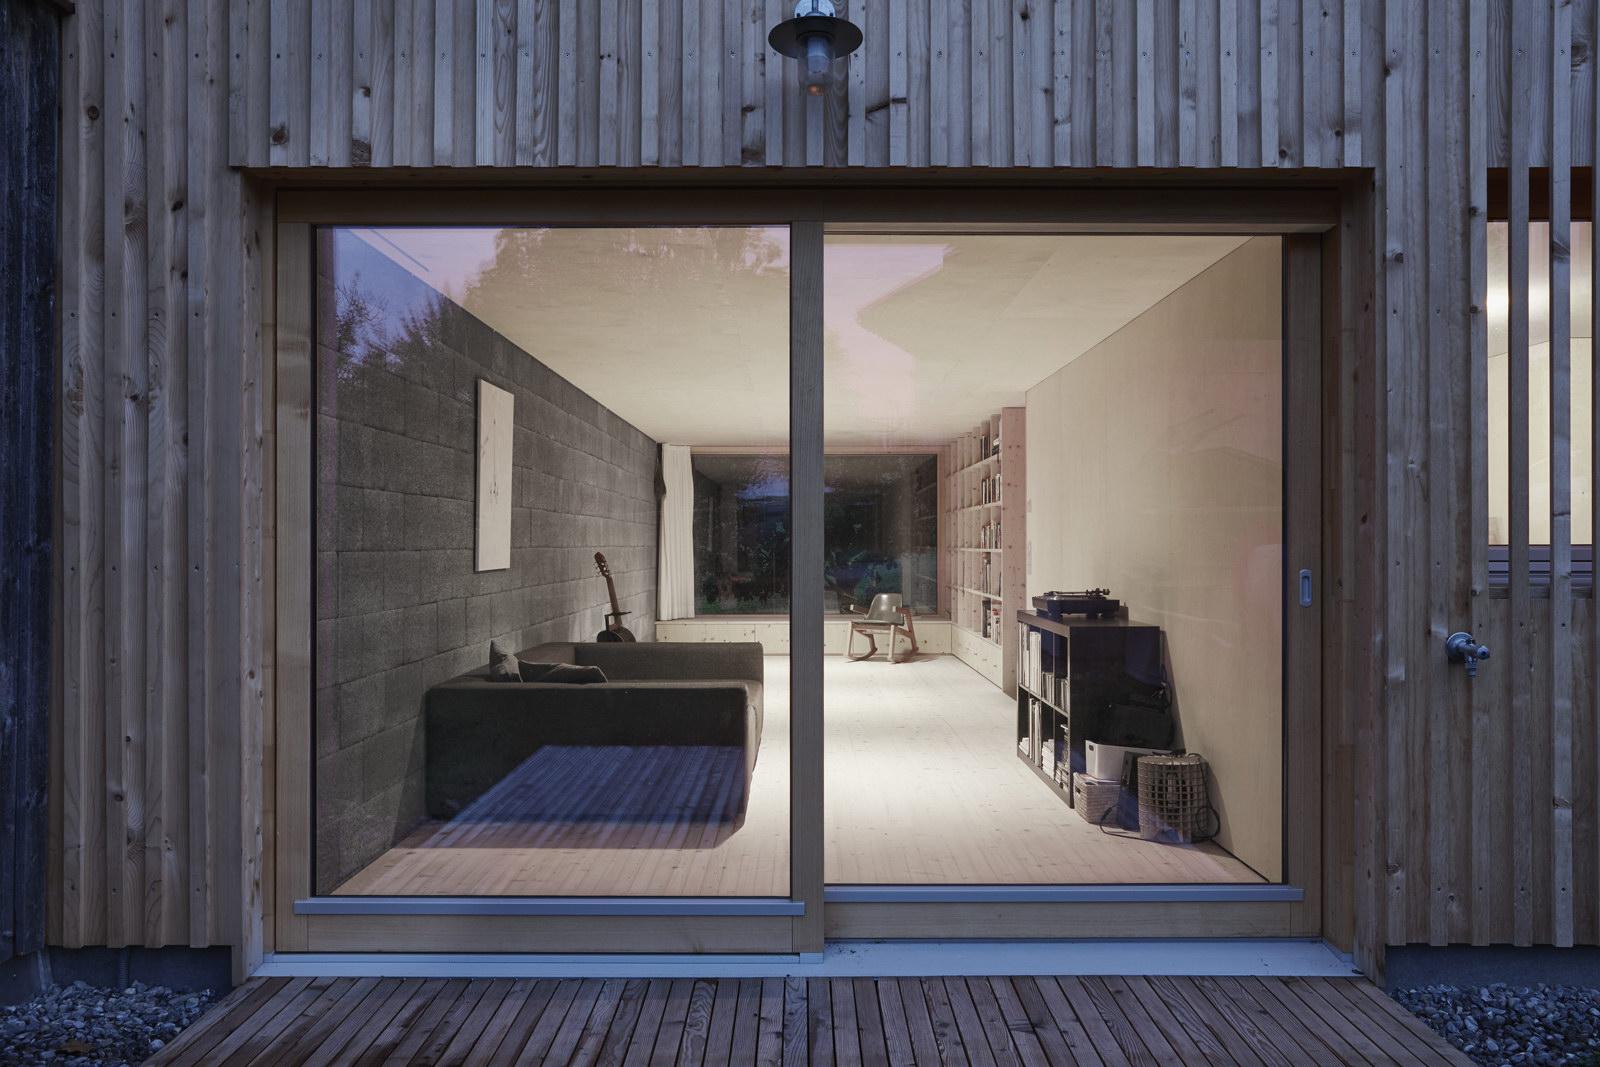 Feurstein House by Innauer‐Matt Architekten